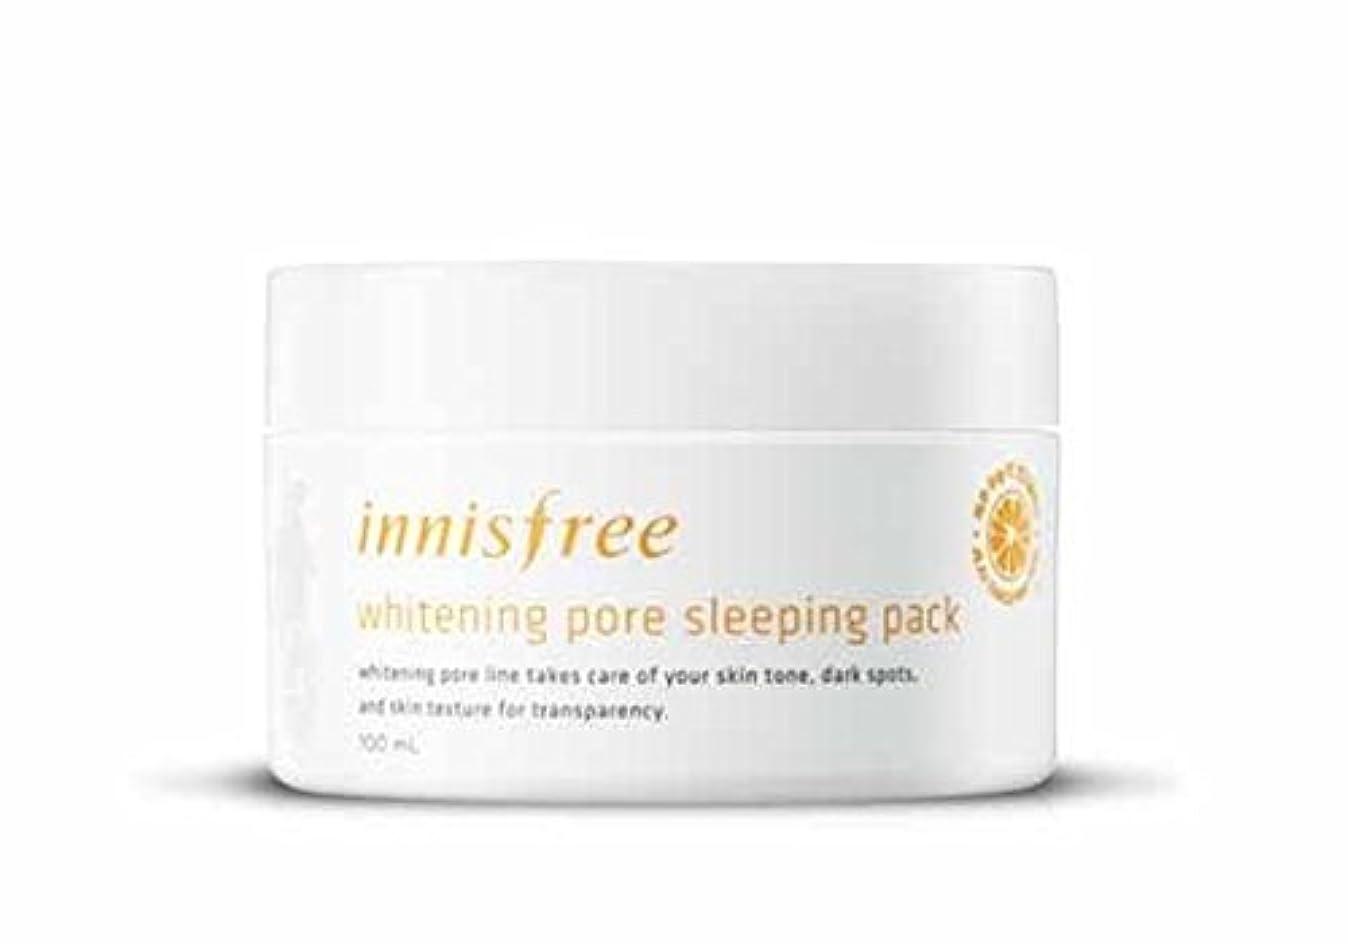 精緻化ダウン列挙するイニスフリーホワイトニングポアスリーピングパック100ml Innisfree Whitening Pore Sleeping Pack 100ml [海外直送品][並行輸入品]